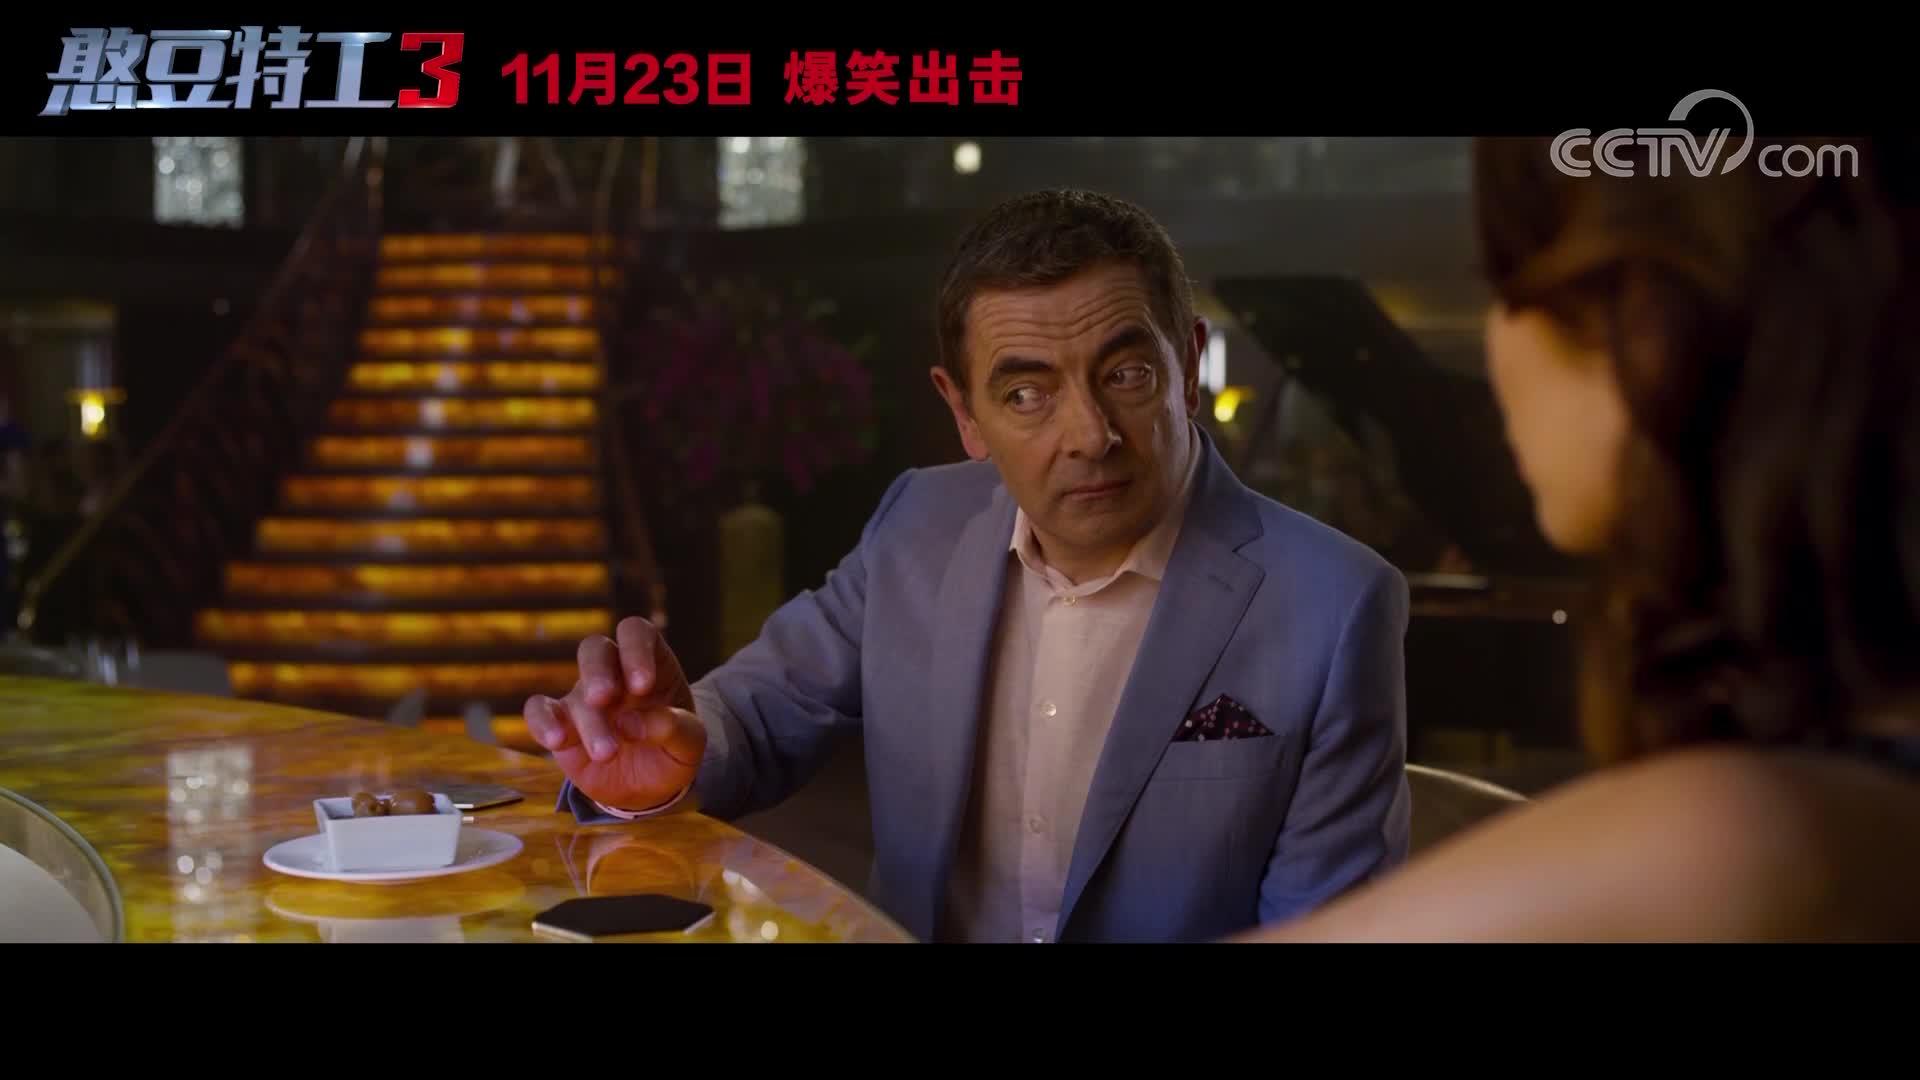 [视频]《憨豆特工3》定档11月23日 爆笑演绎正宗英伦无厘头